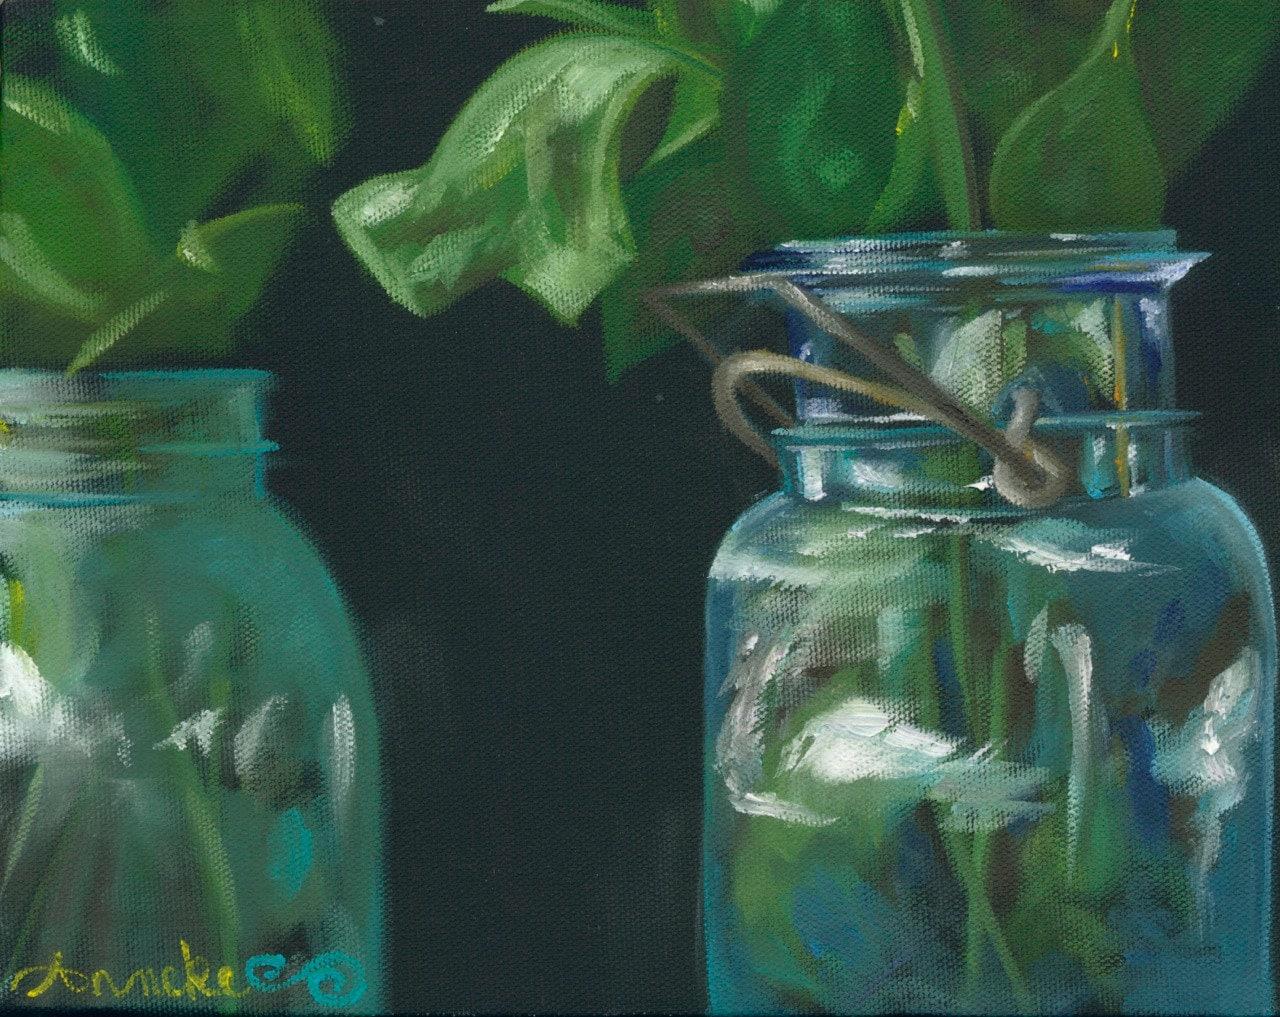 Emerald & Aqua Jars - Print